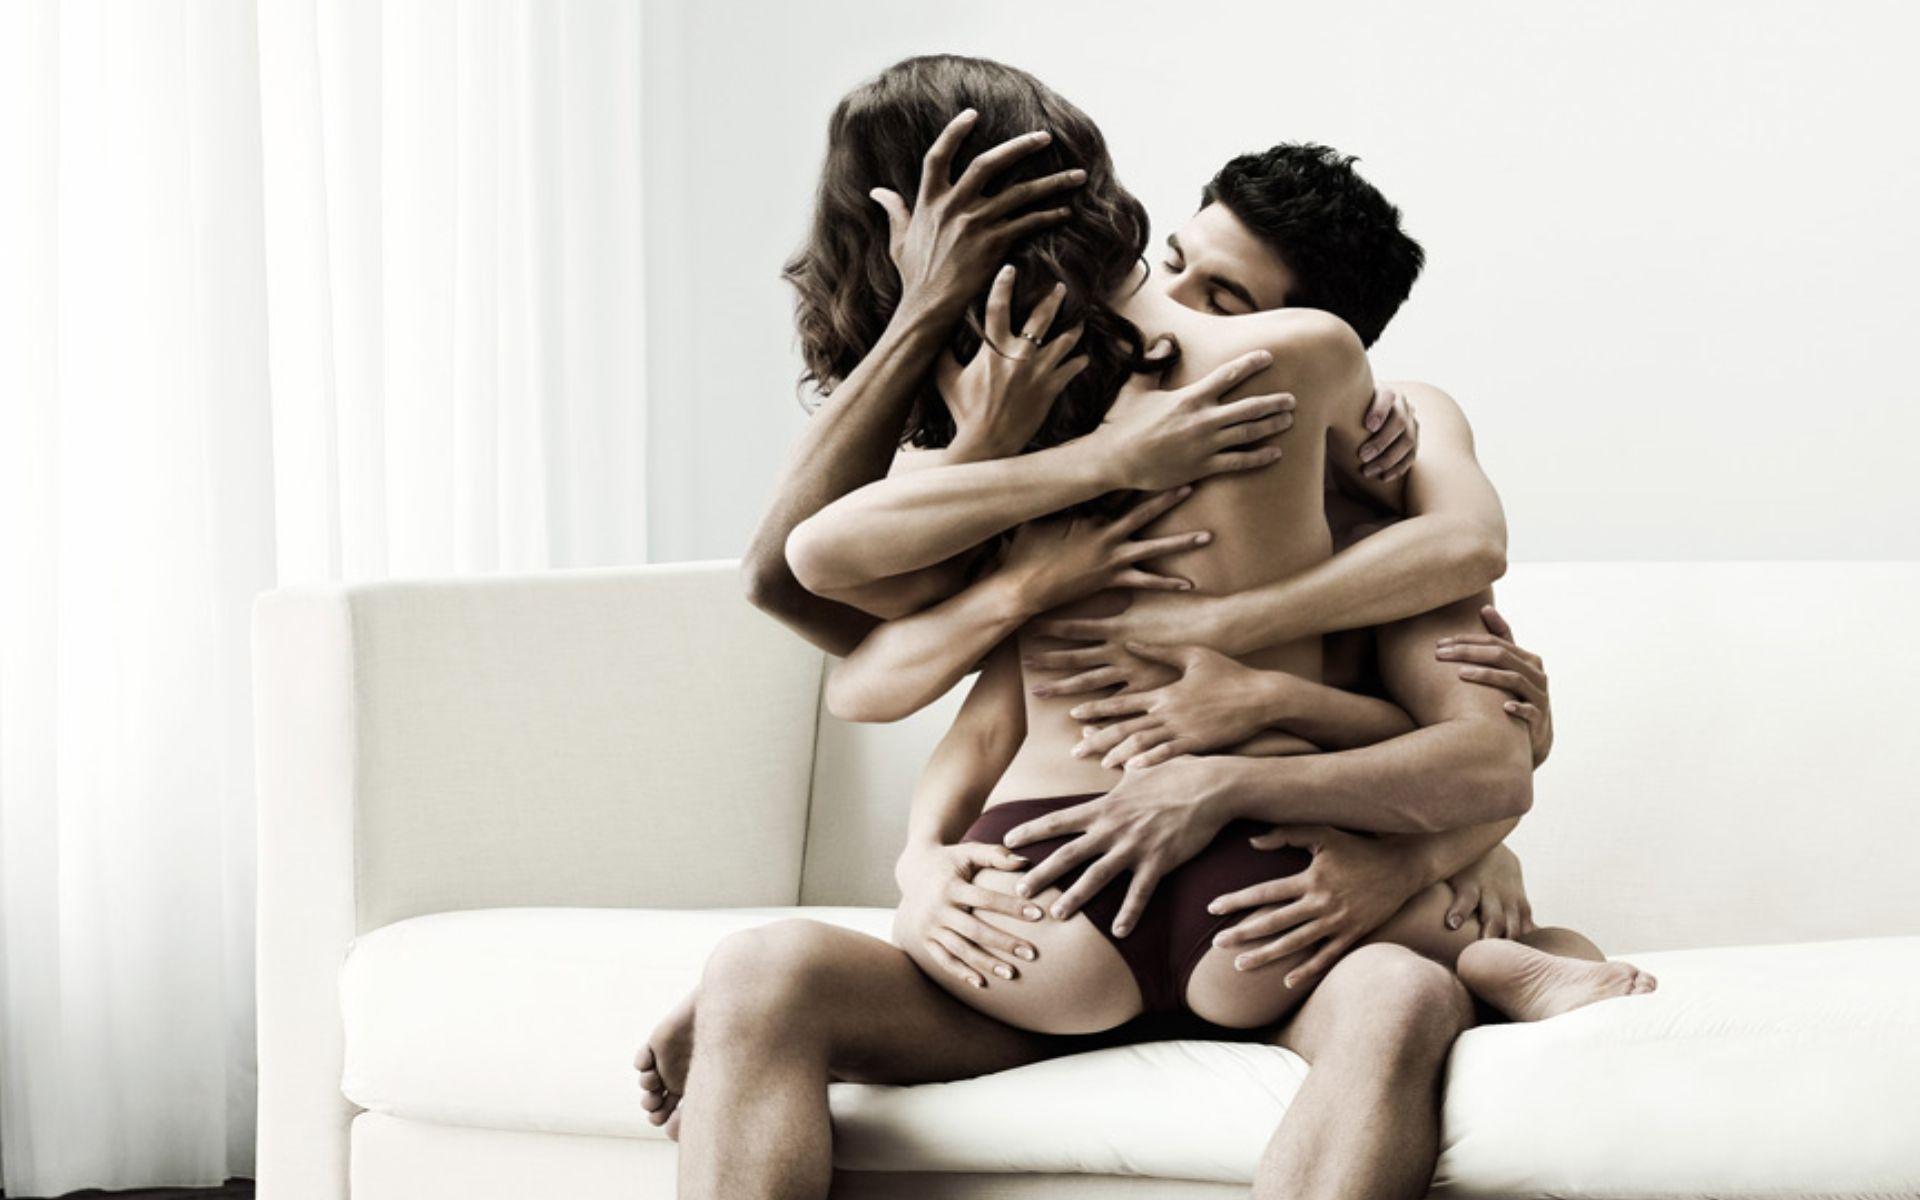 podsmotrennoe-porno-video-muzha-i-zheni